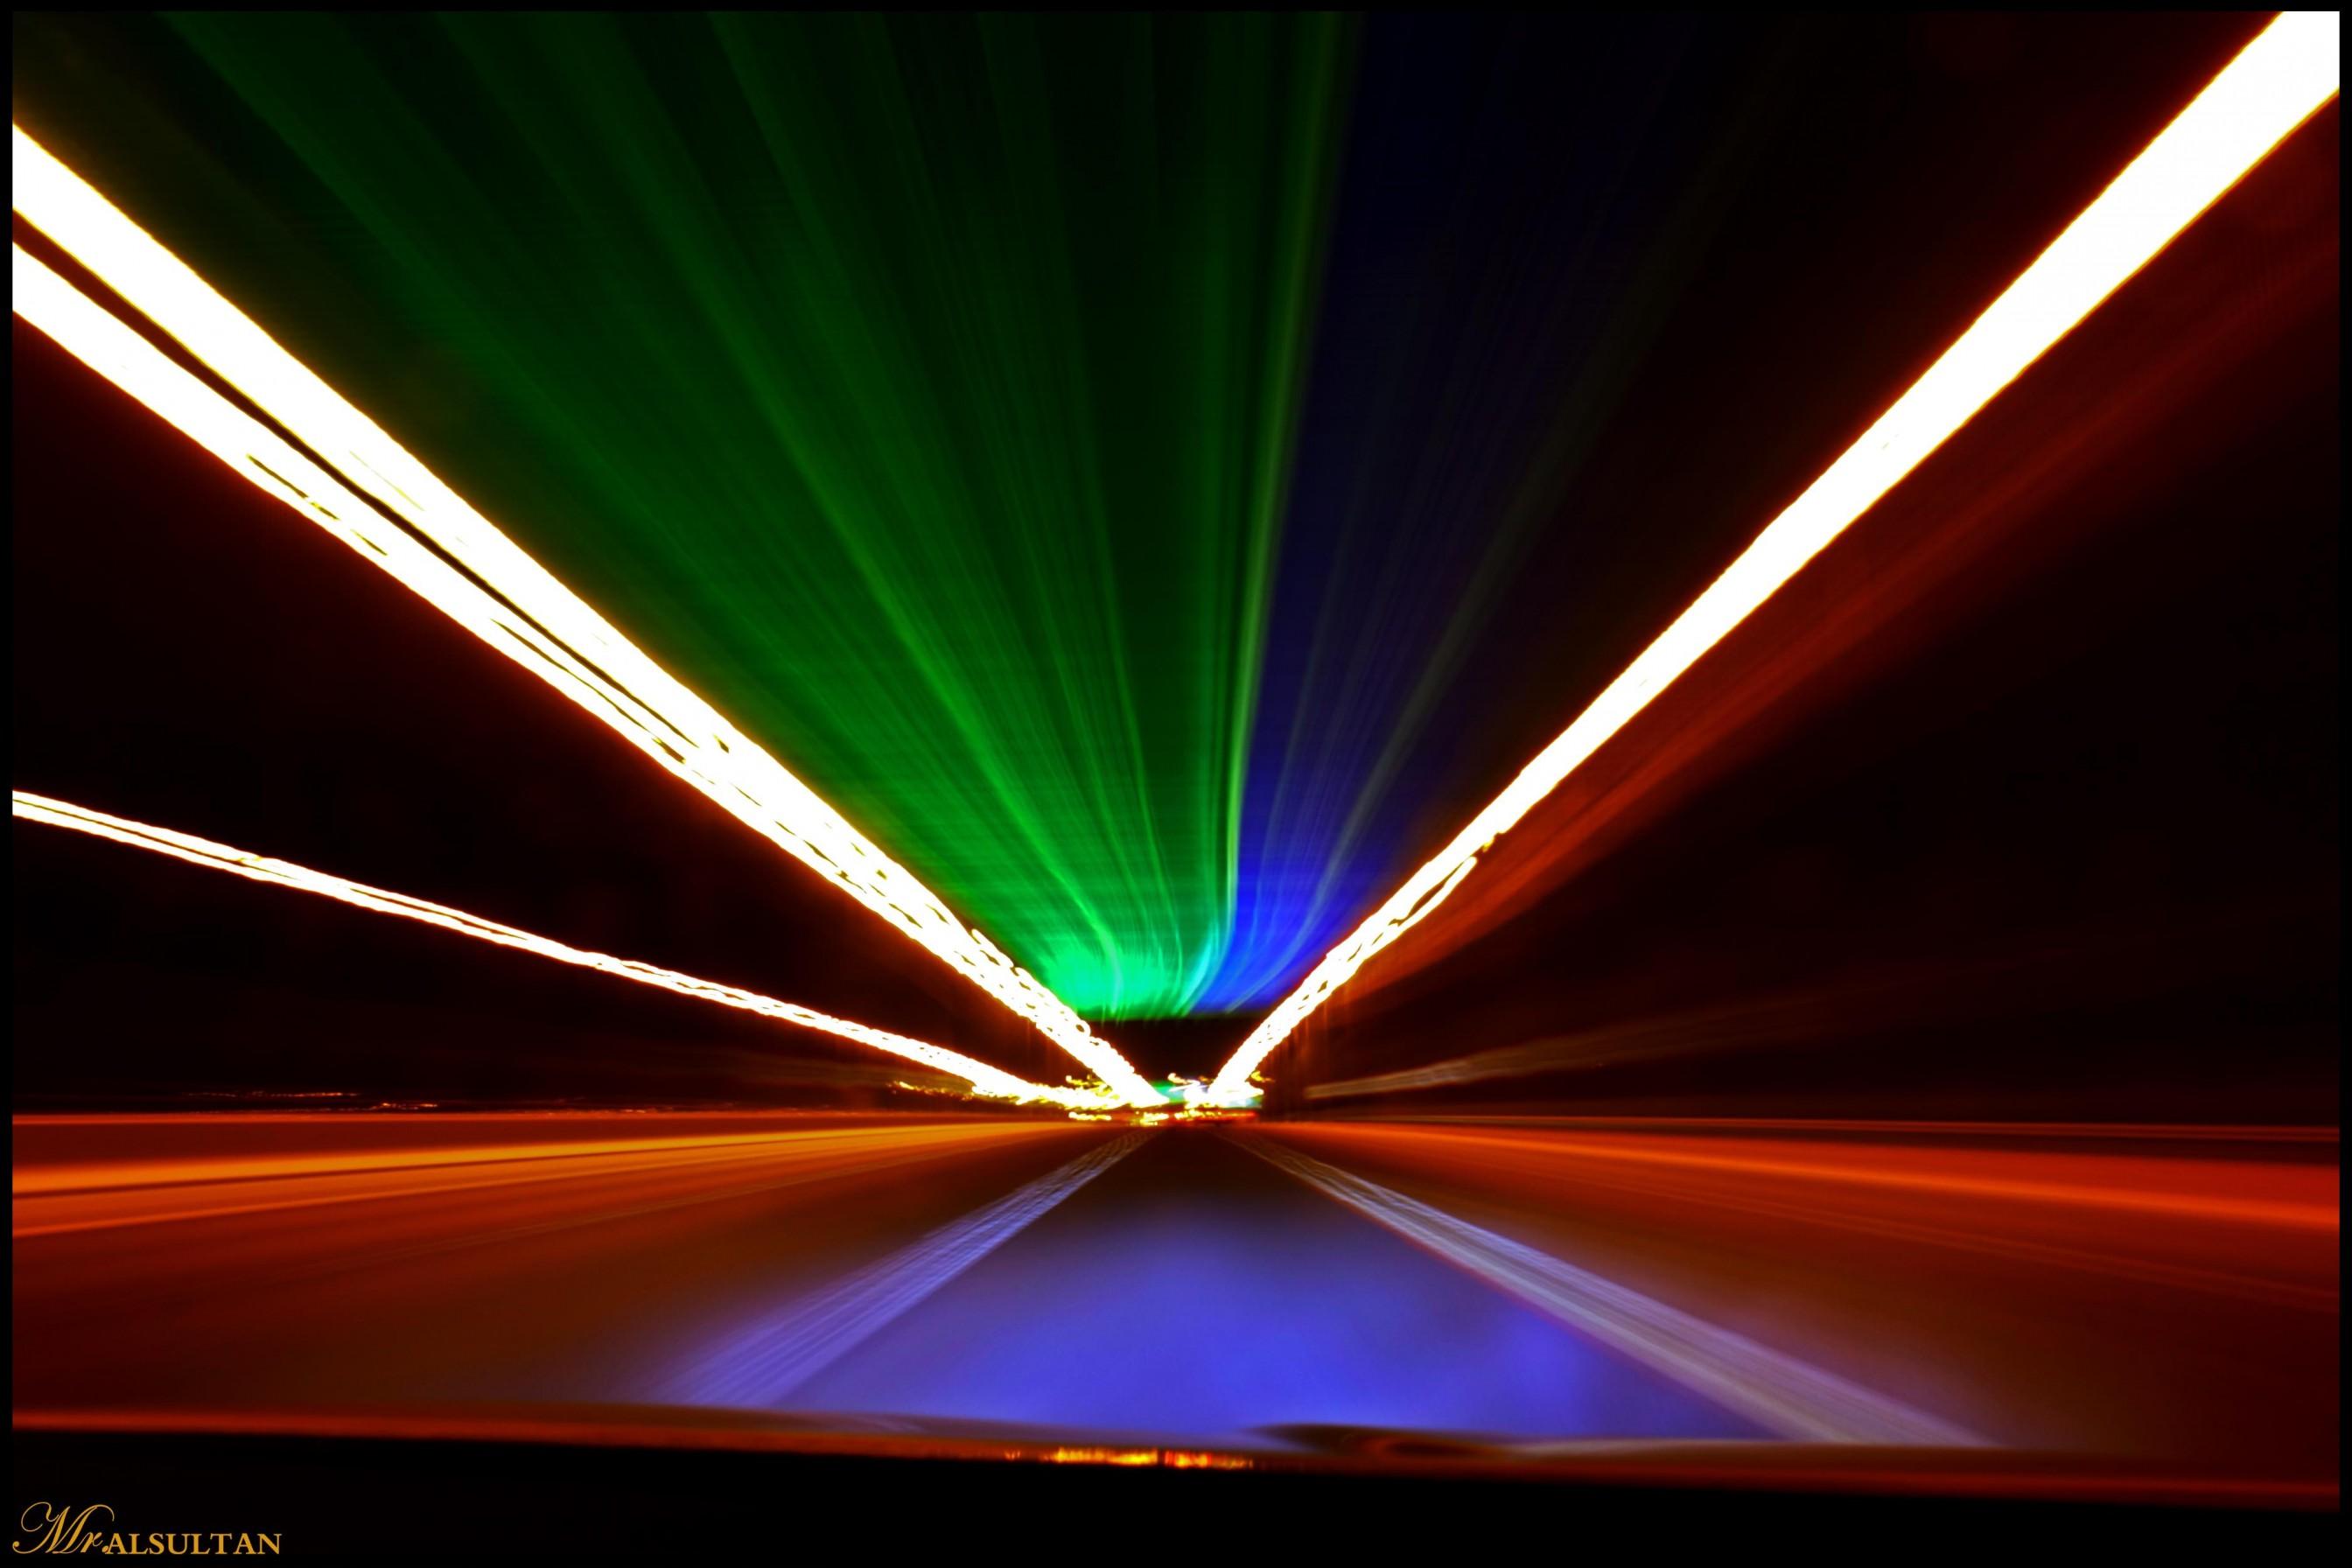 ブログを書くスピードの上限について考察してみた